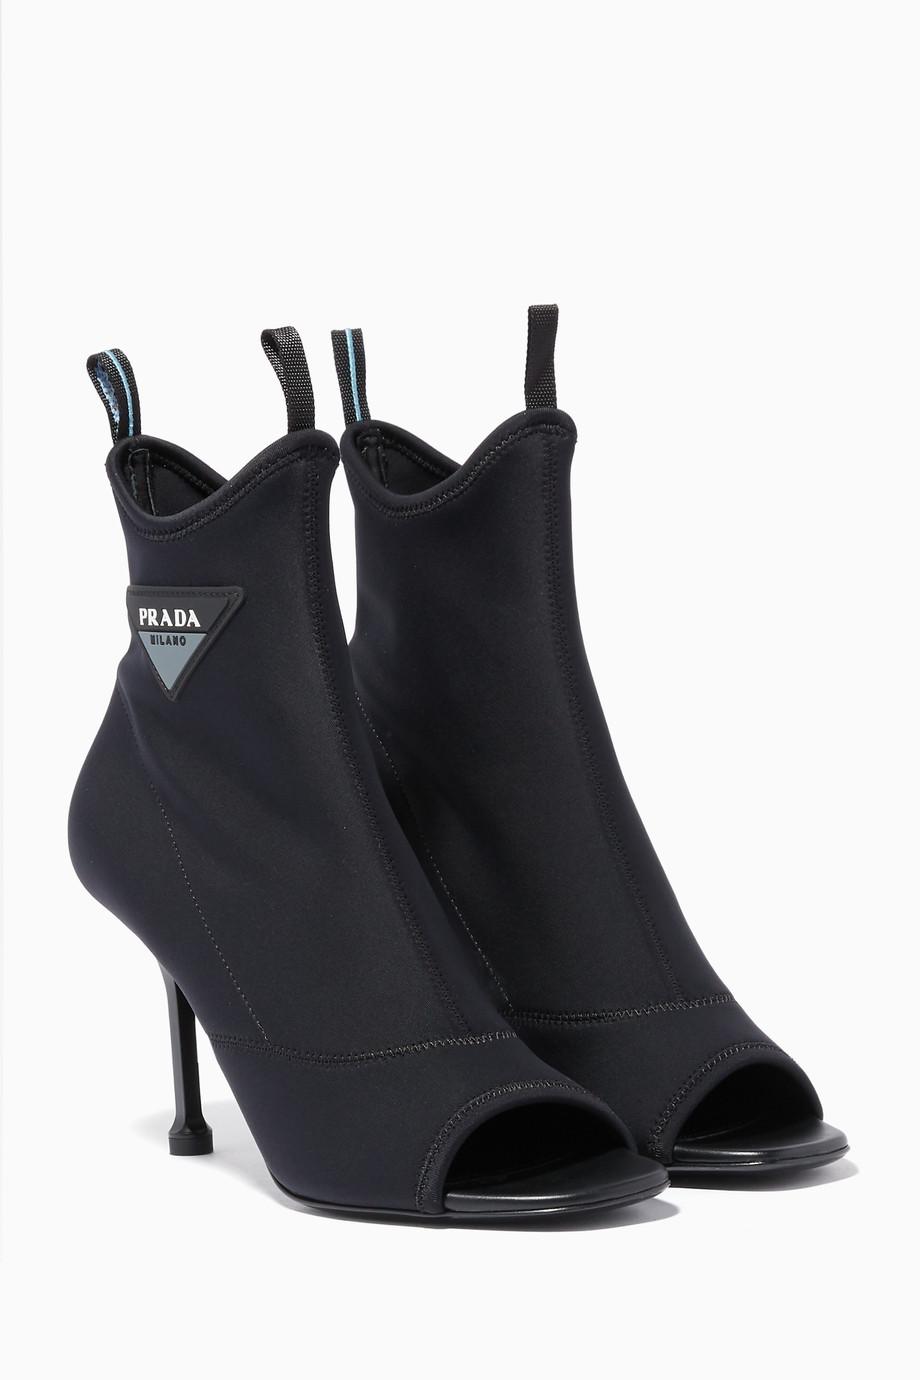 Shop Prada Black Black Neoprene Logo Sock Boots for Women   Ounass UAE 5919575dfe1